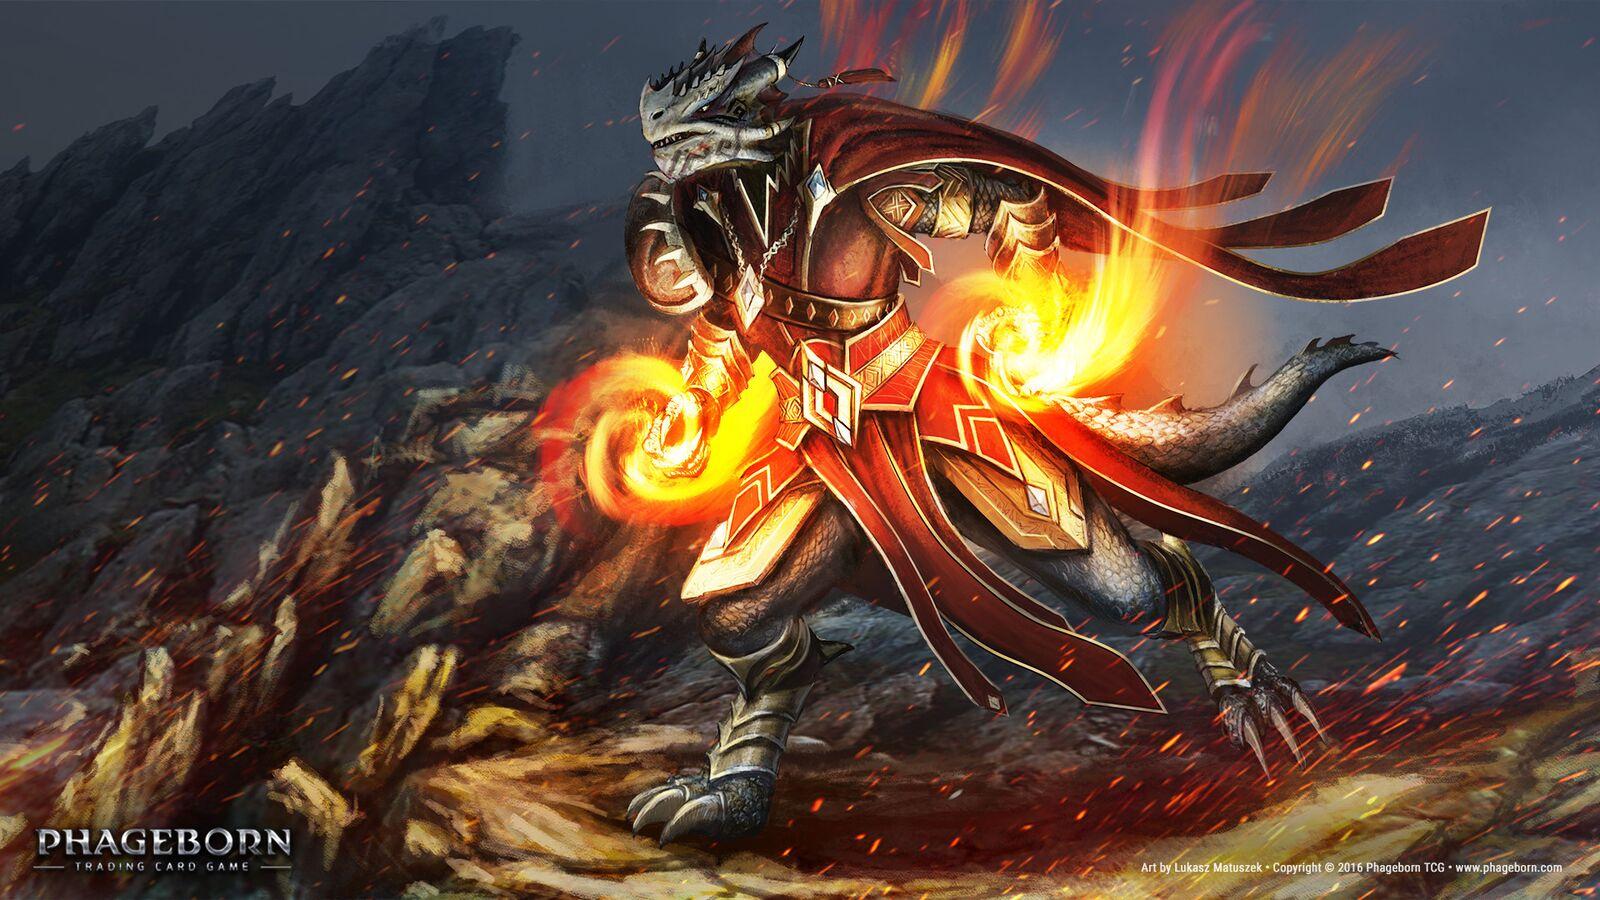 Flamedancer